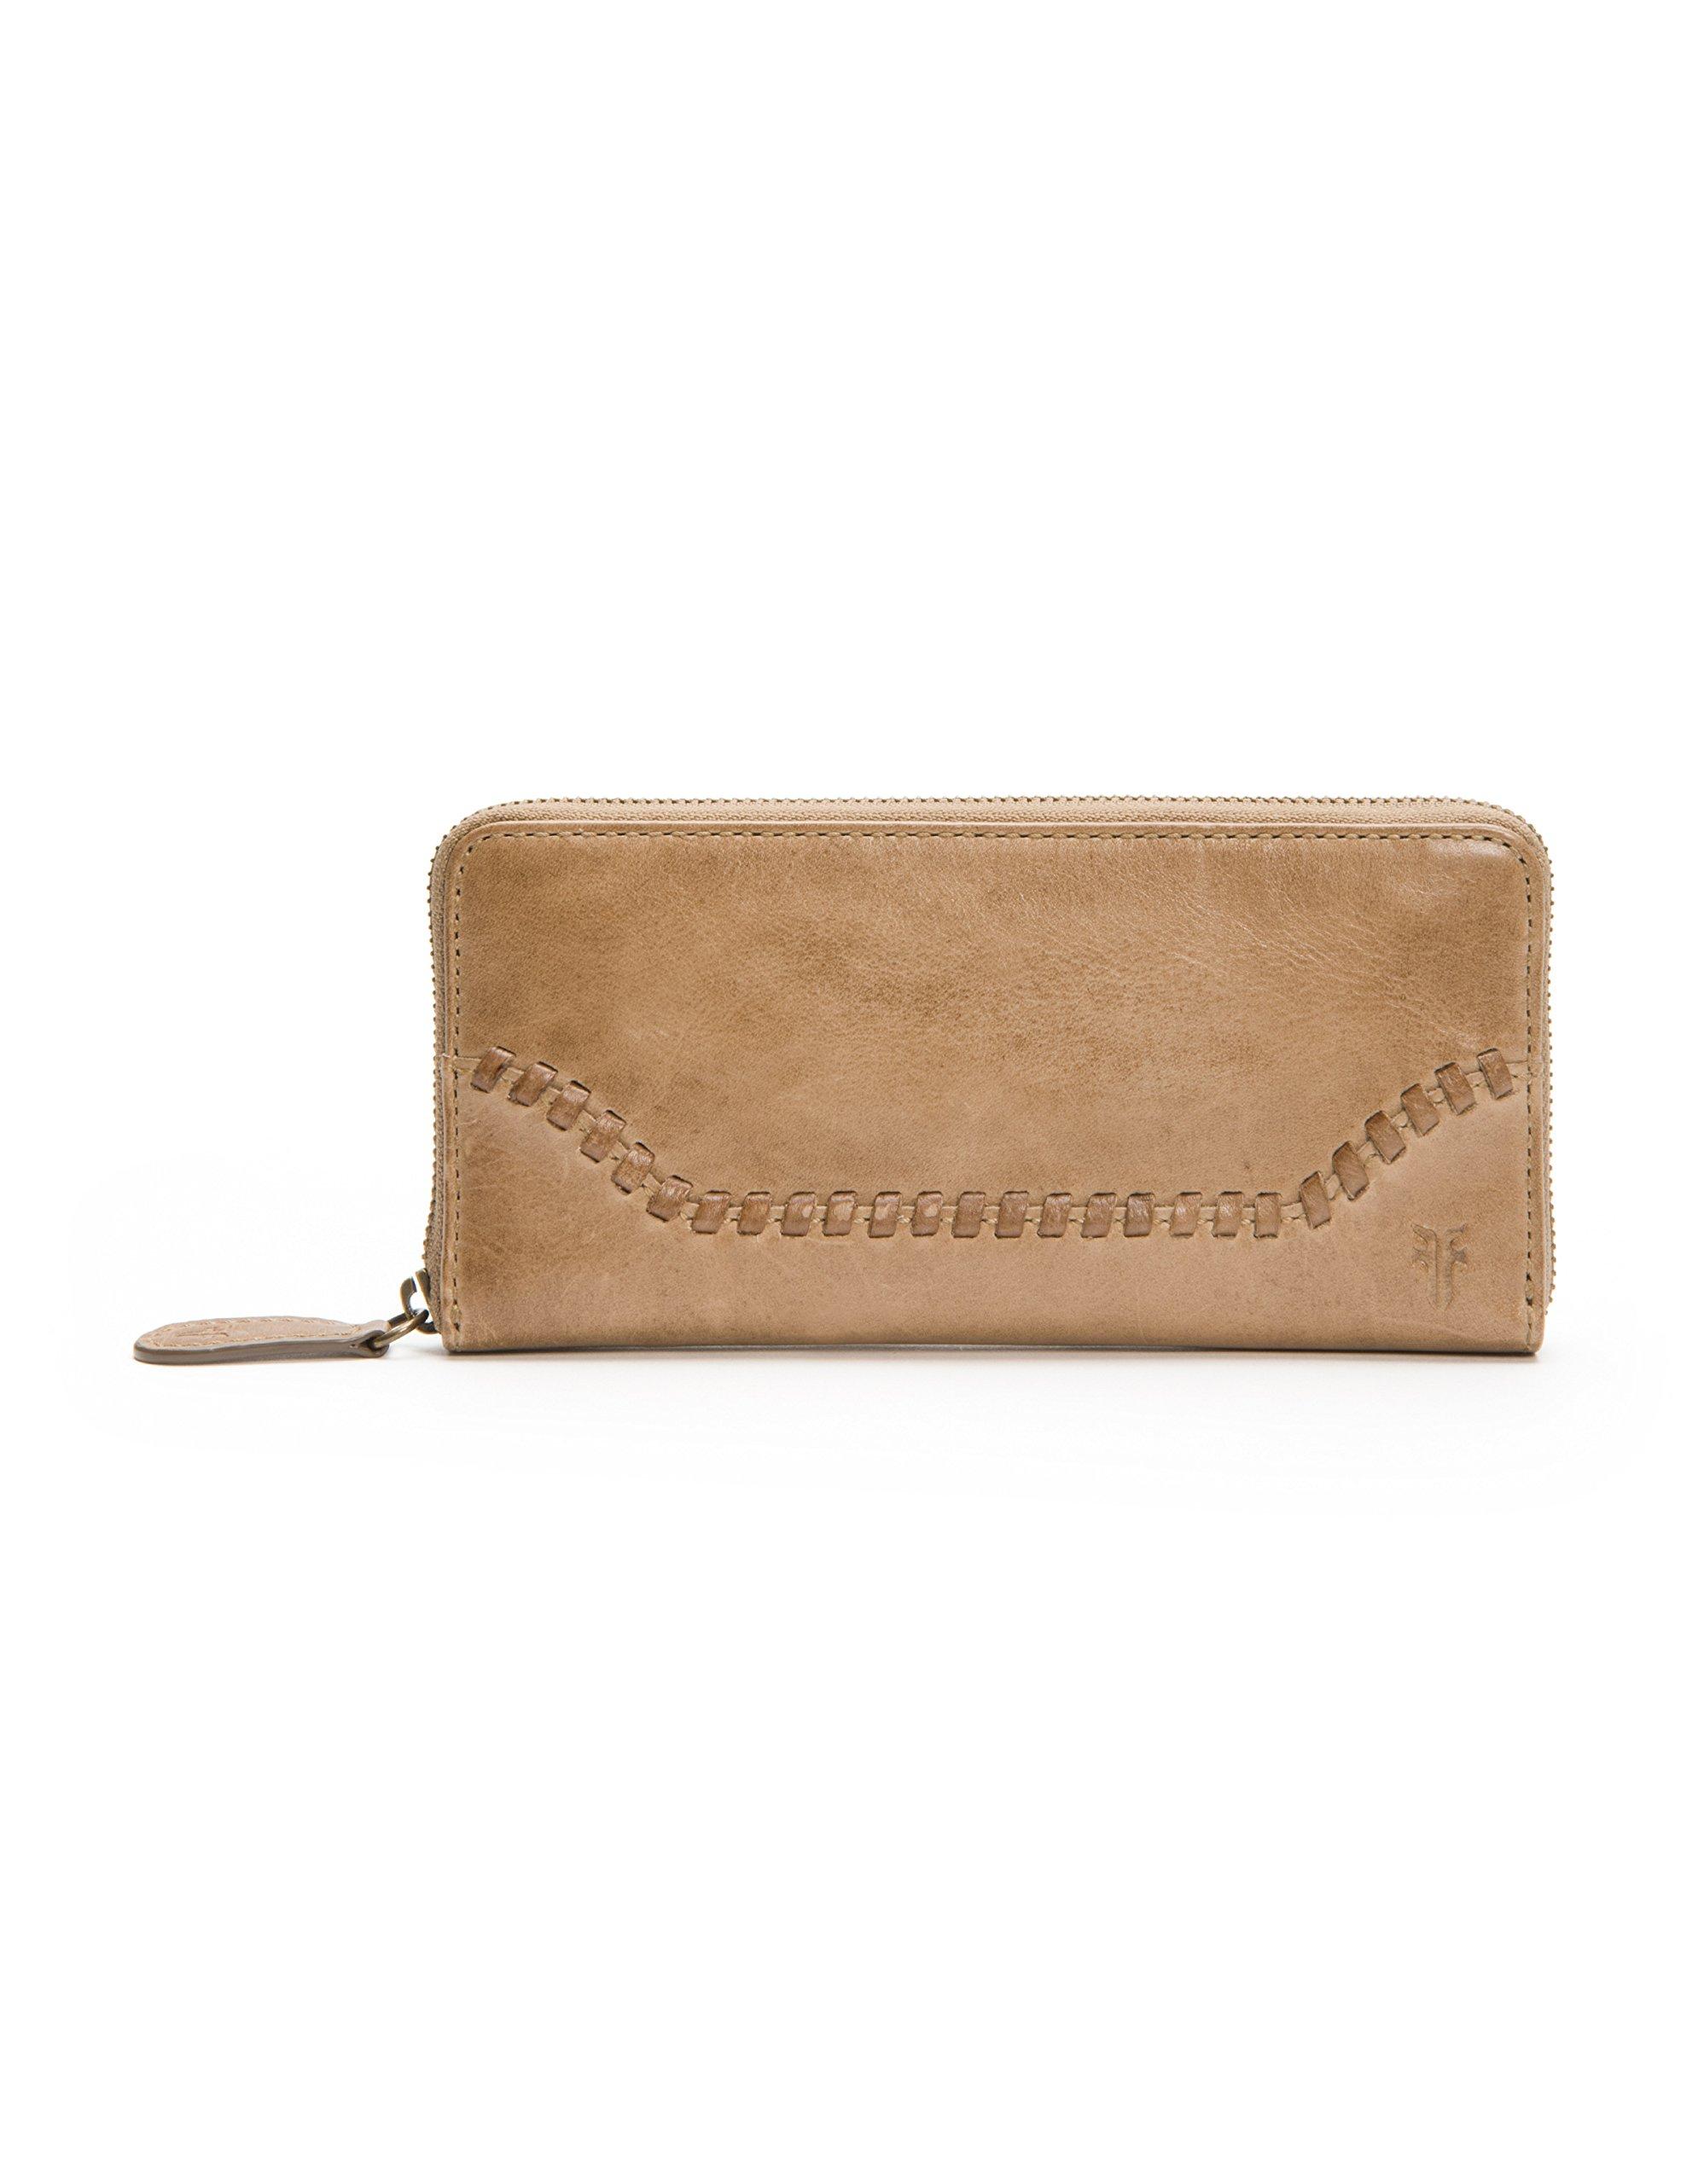 Melissa Whipstitch Zip Around Wallet Wallet, Dark Taupe, One Size by FRYE